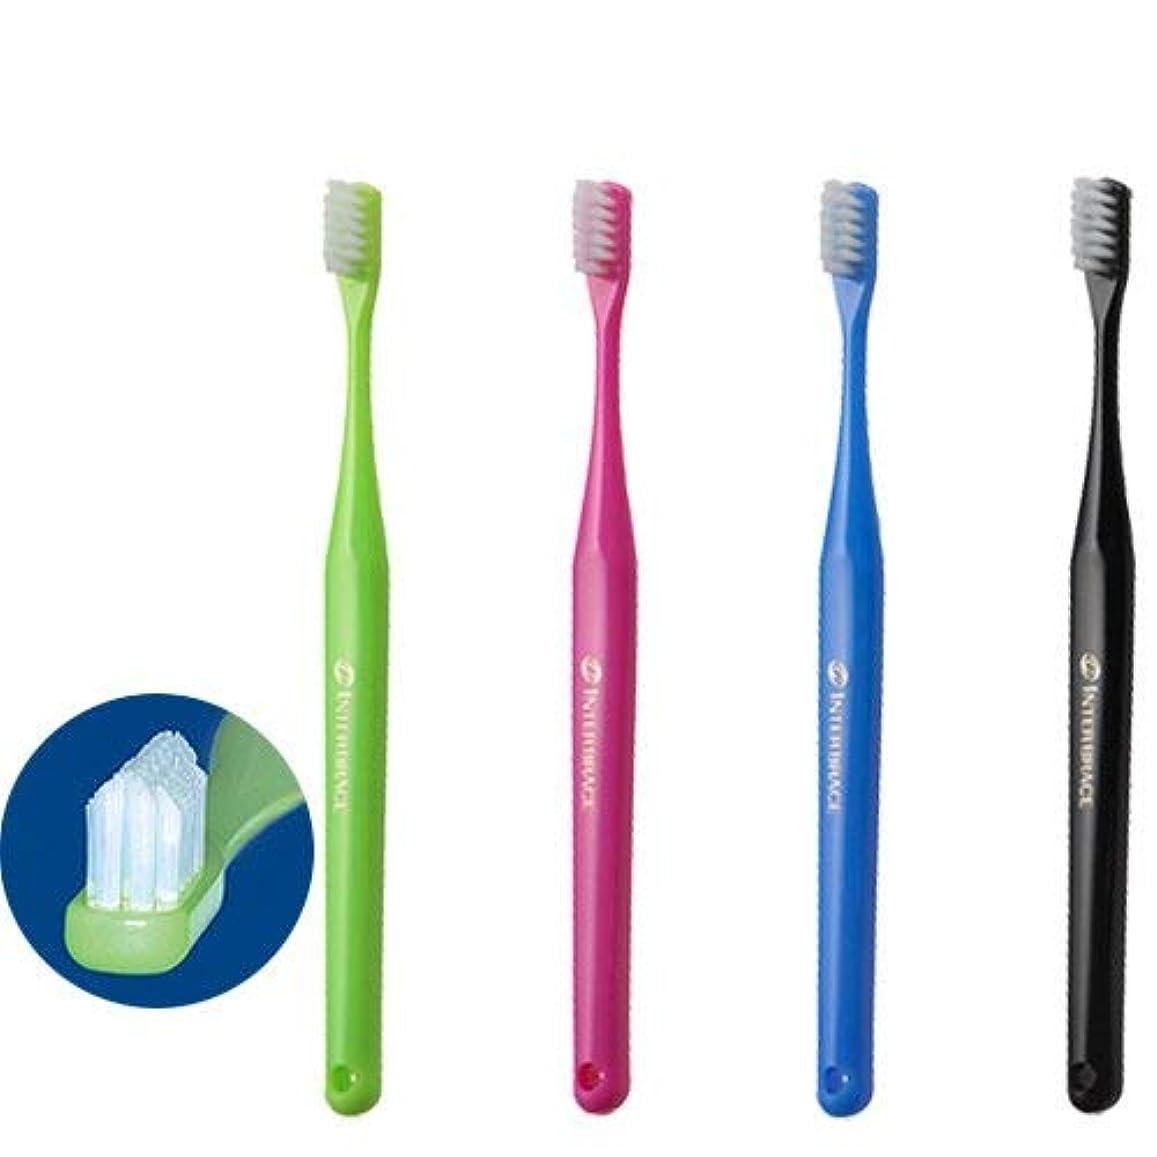 鉄おじいちゃんボードインターブレイス (INTER BRACE) ×8本 矯正用歯ブラシ 歯科医院取扱品